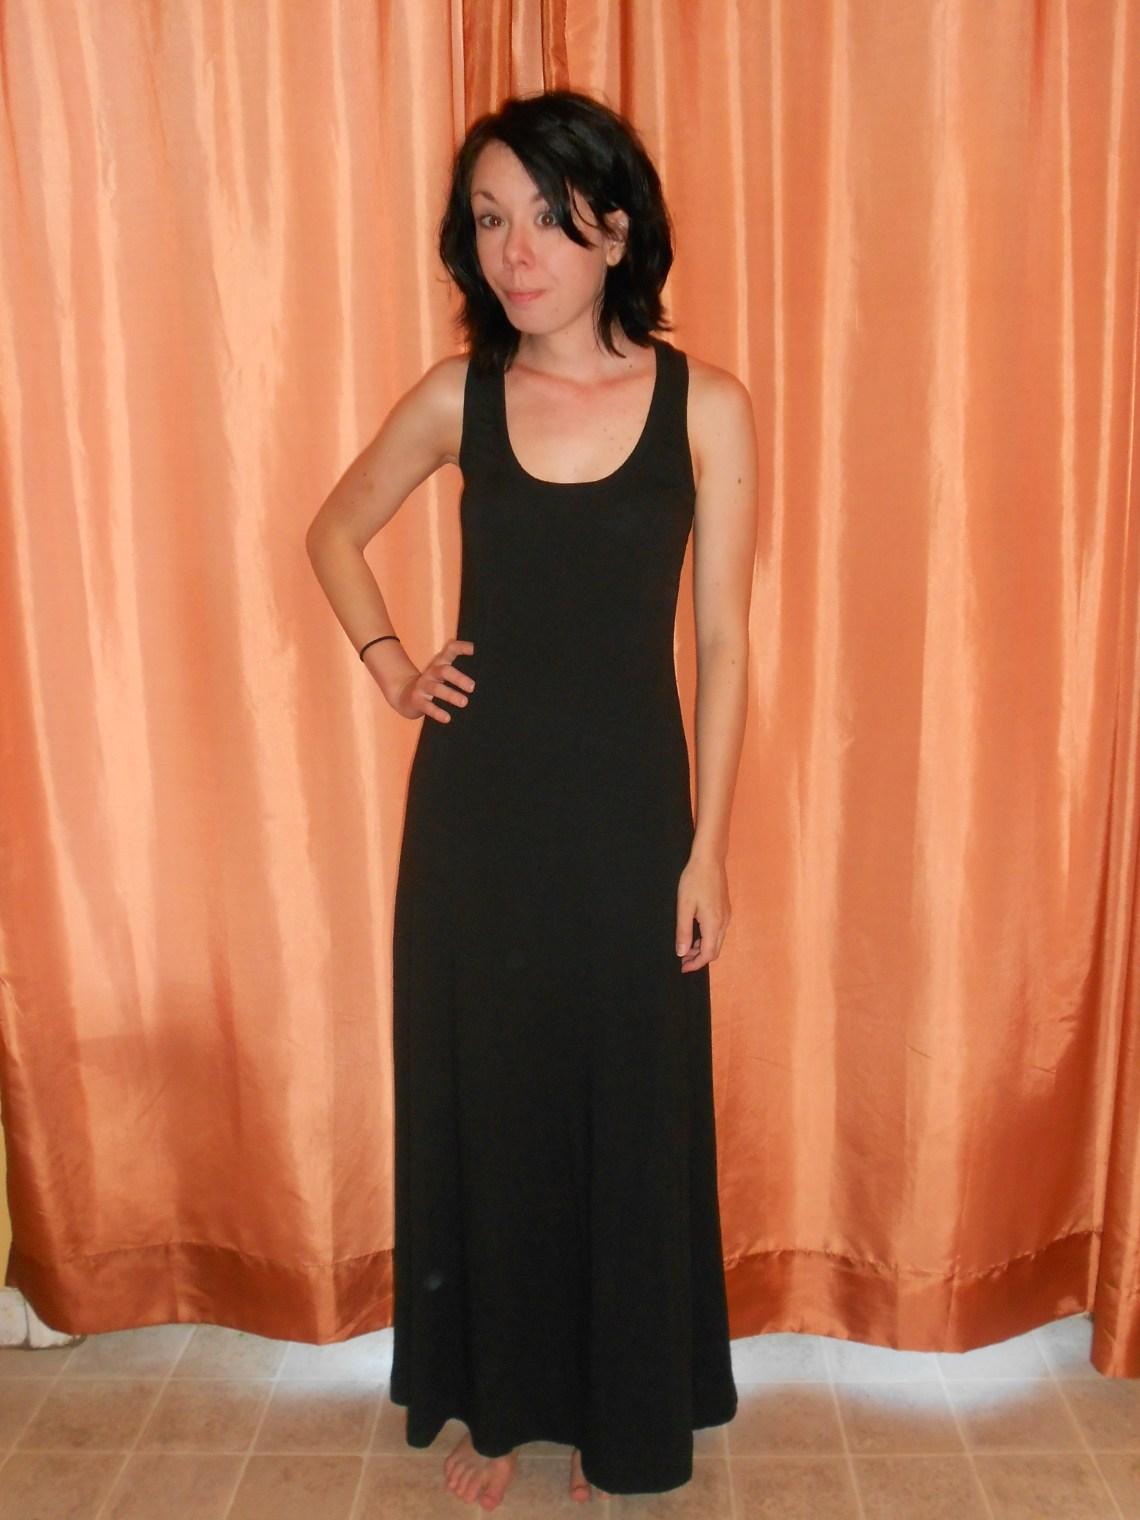 Day 284:  Back in Black Dress 1